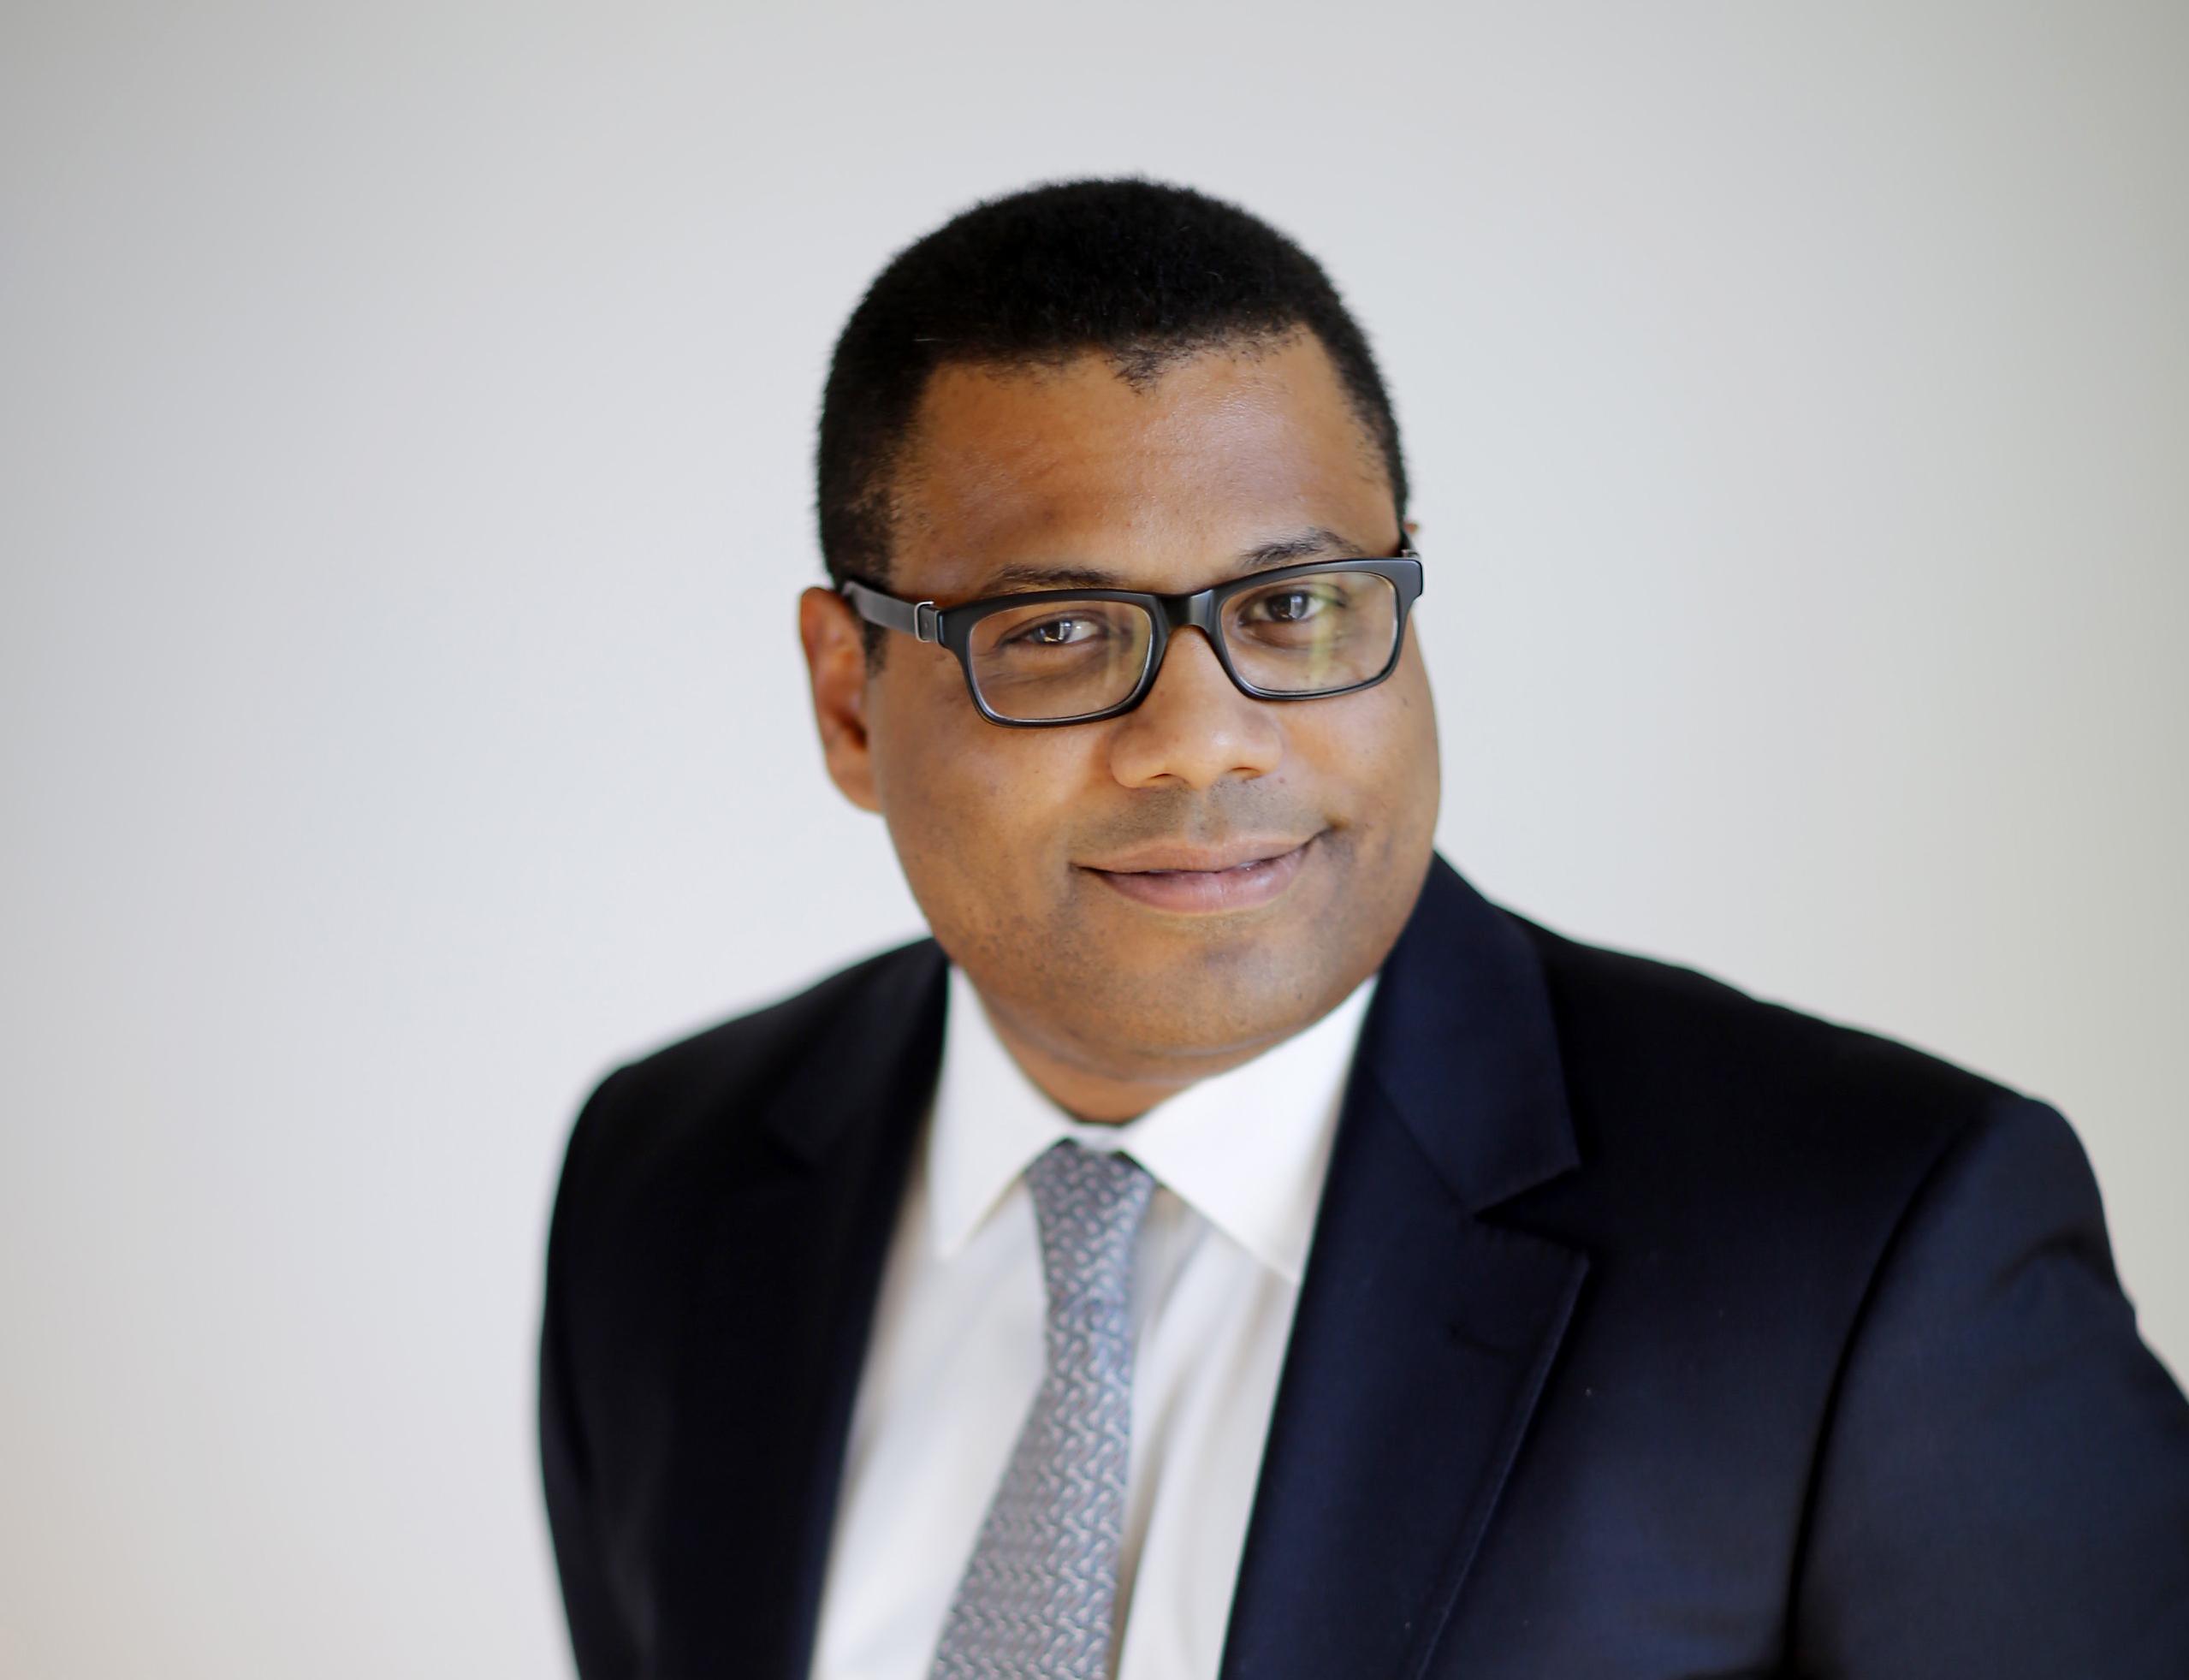 INTERVIEW EXCLUSIVE. Thierry Déau, fondateur de Meridiam et 3ème homme de la possible fusion Suez Veolia, veut «investir pour un monde plus durable»